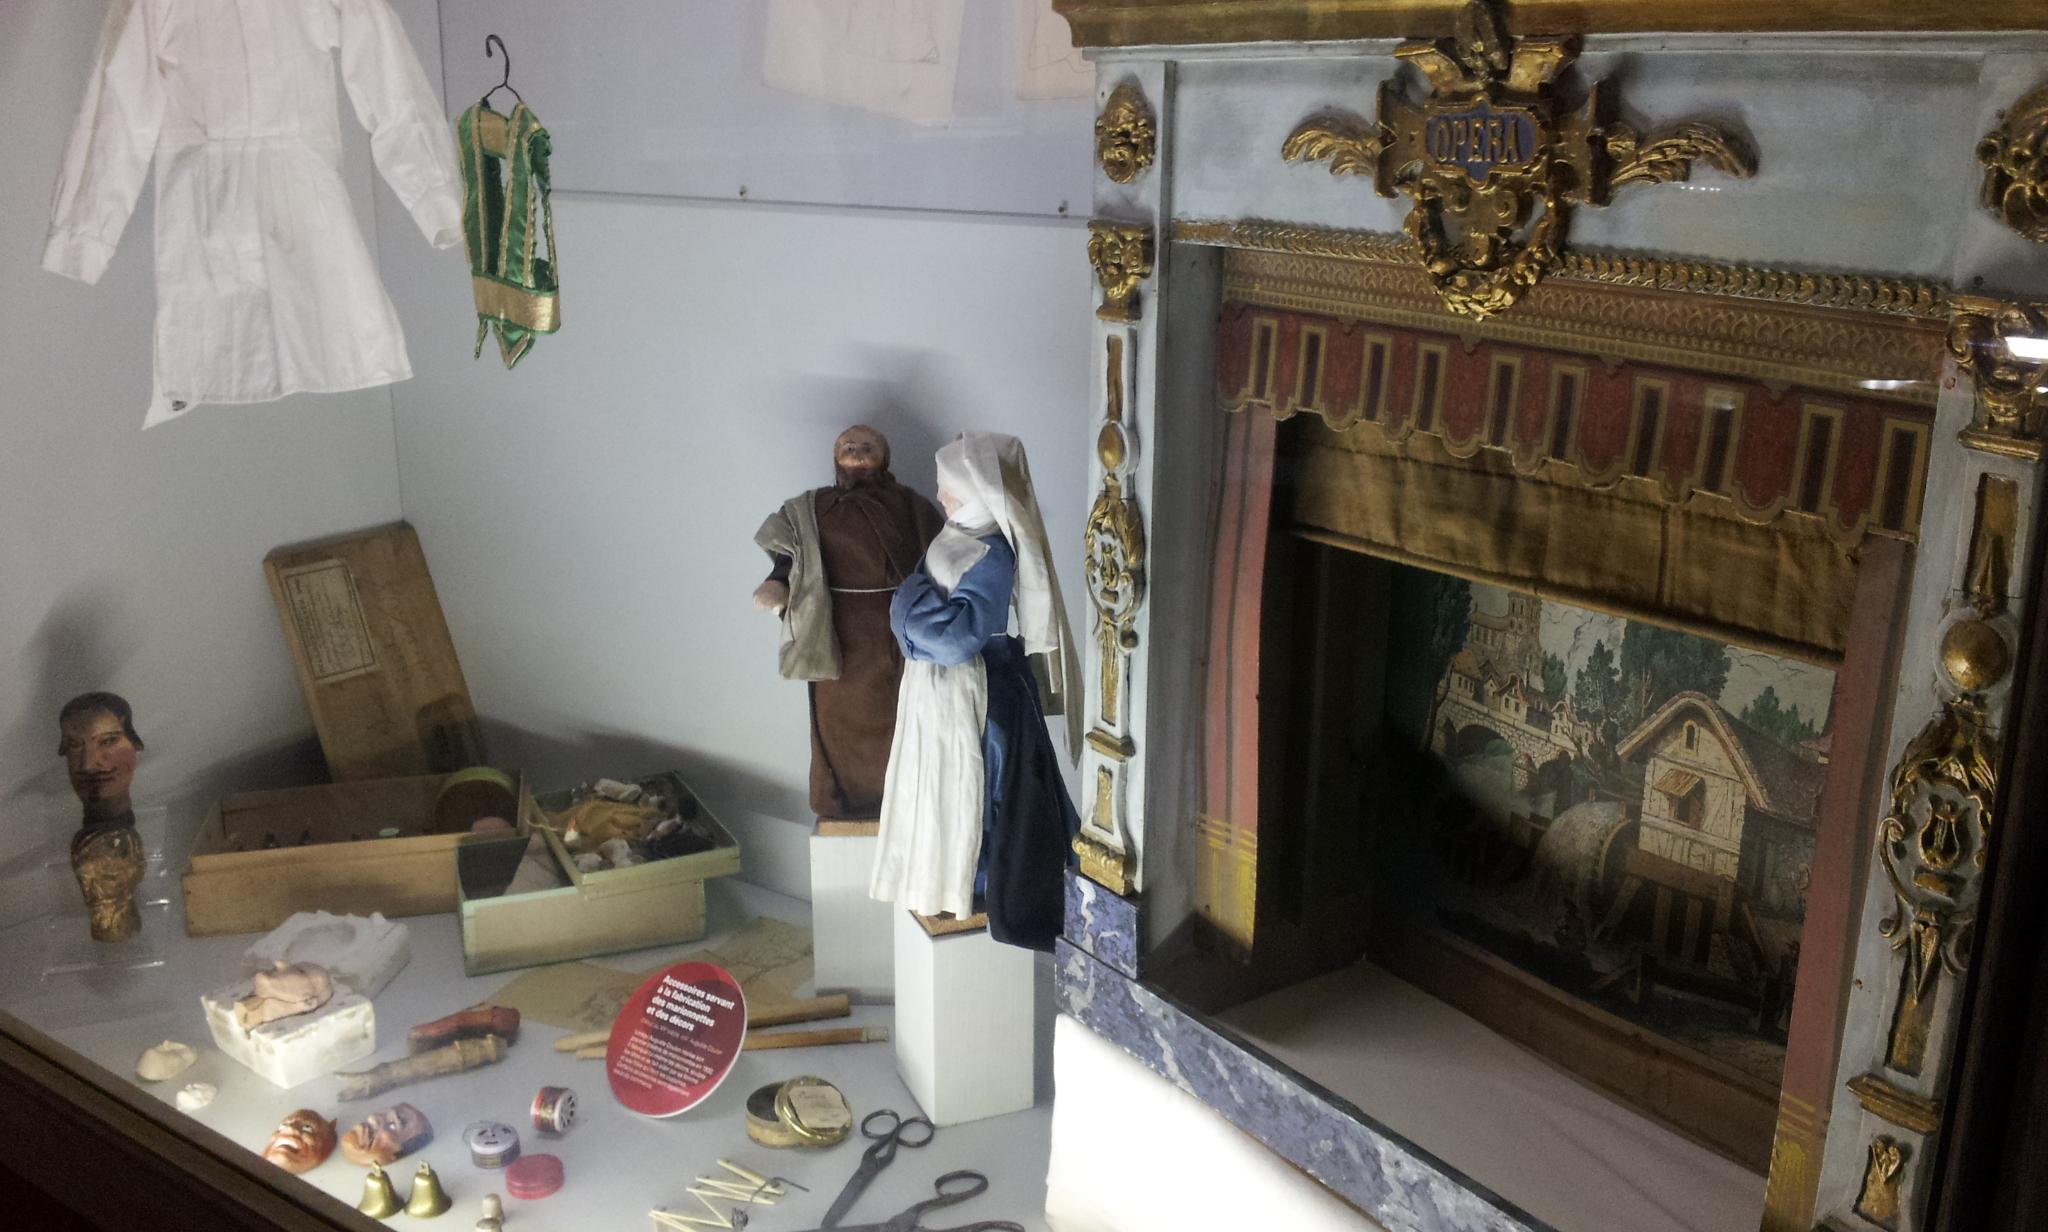 musée comtois théâtre marionnettes citadelle besançon